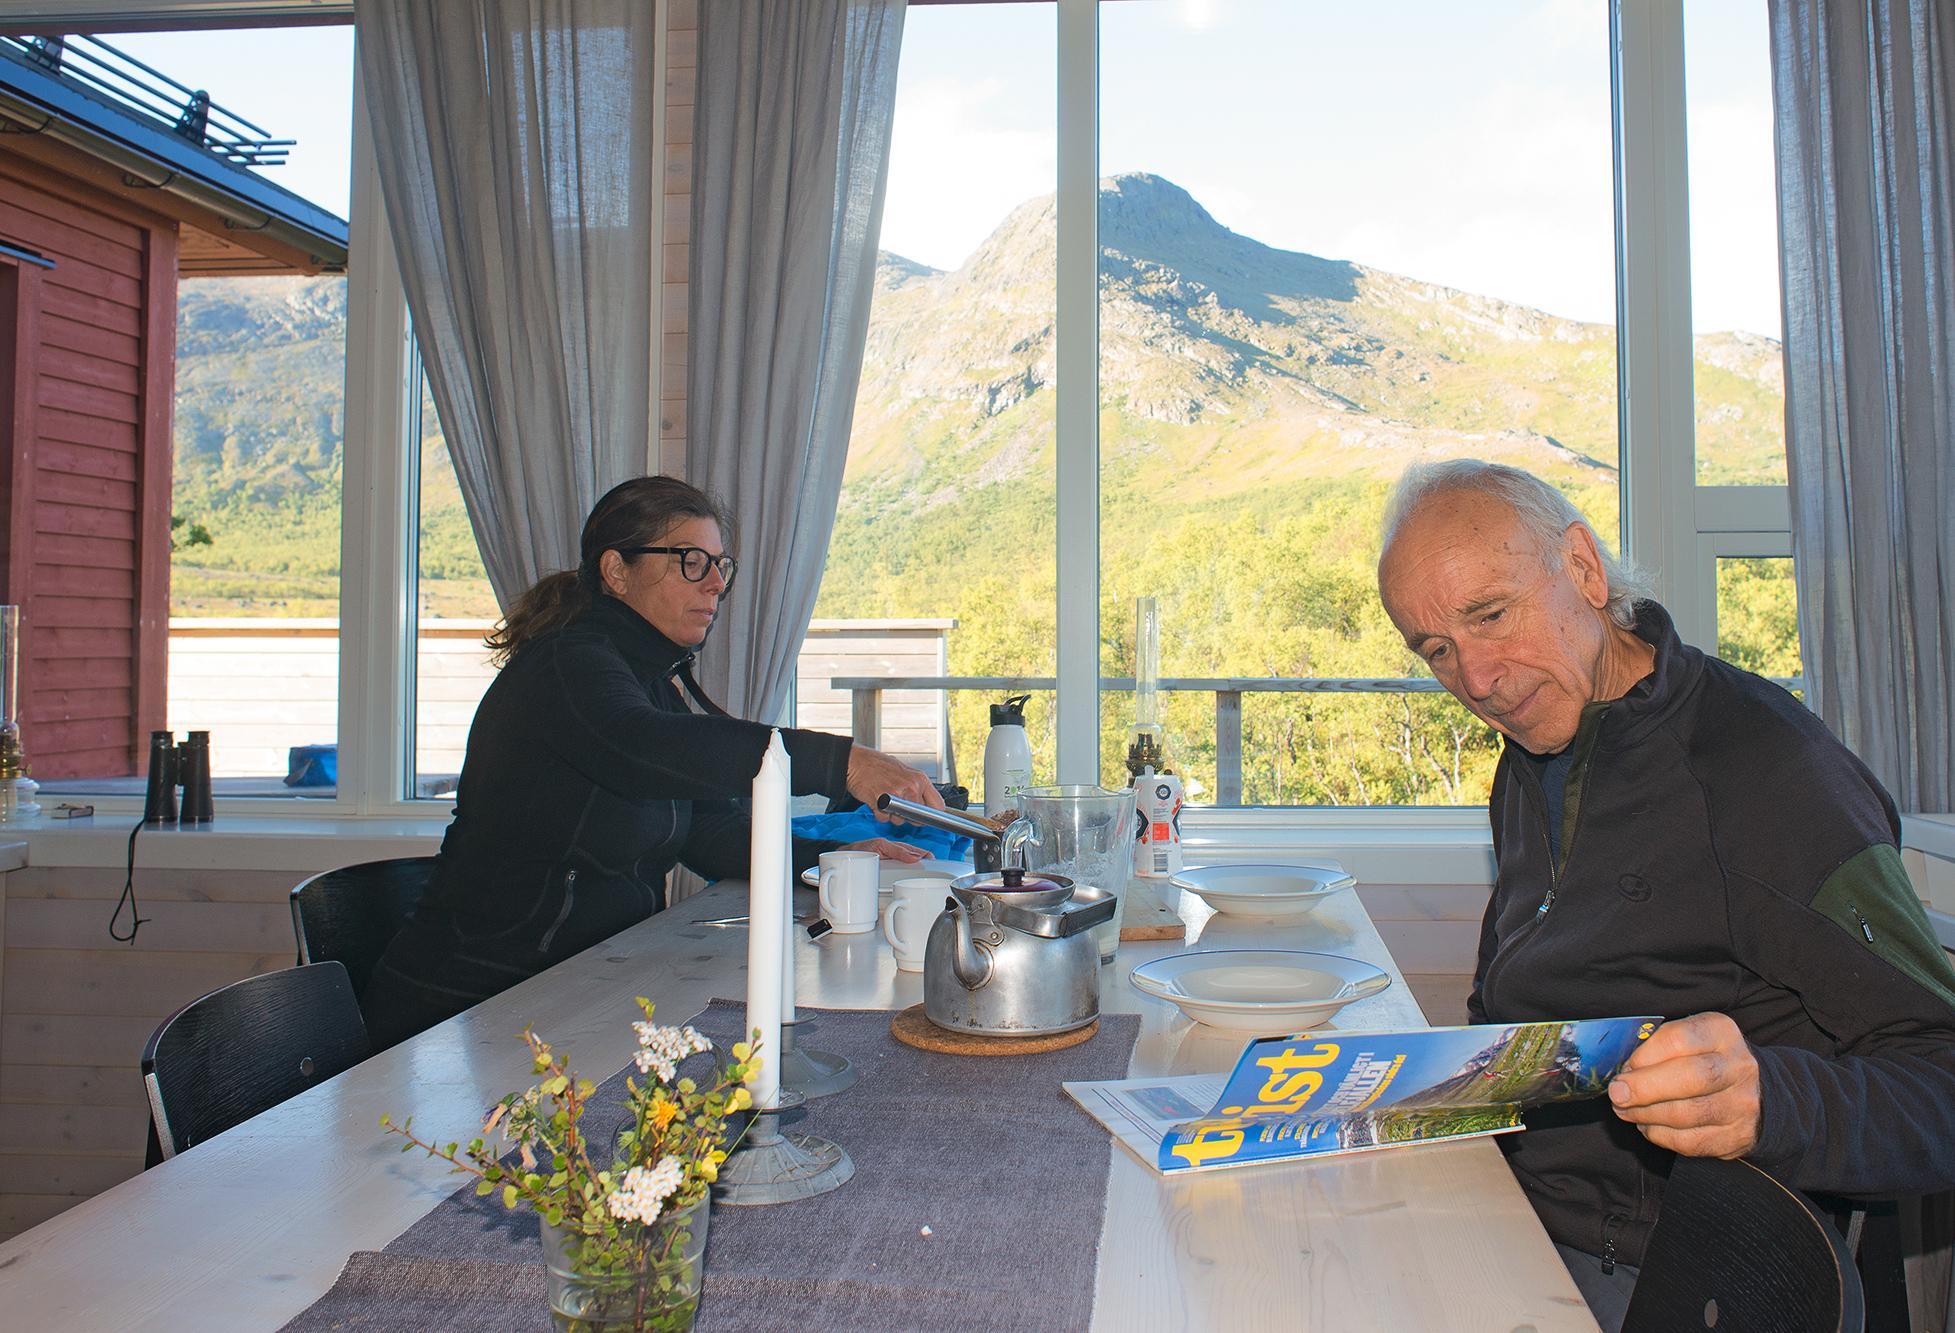 Utsikten Från Frukostbordet I Stensdalsstugan är Svårslagen. En Fjällupplevelse I Världsklass I Södra Årefjällen.